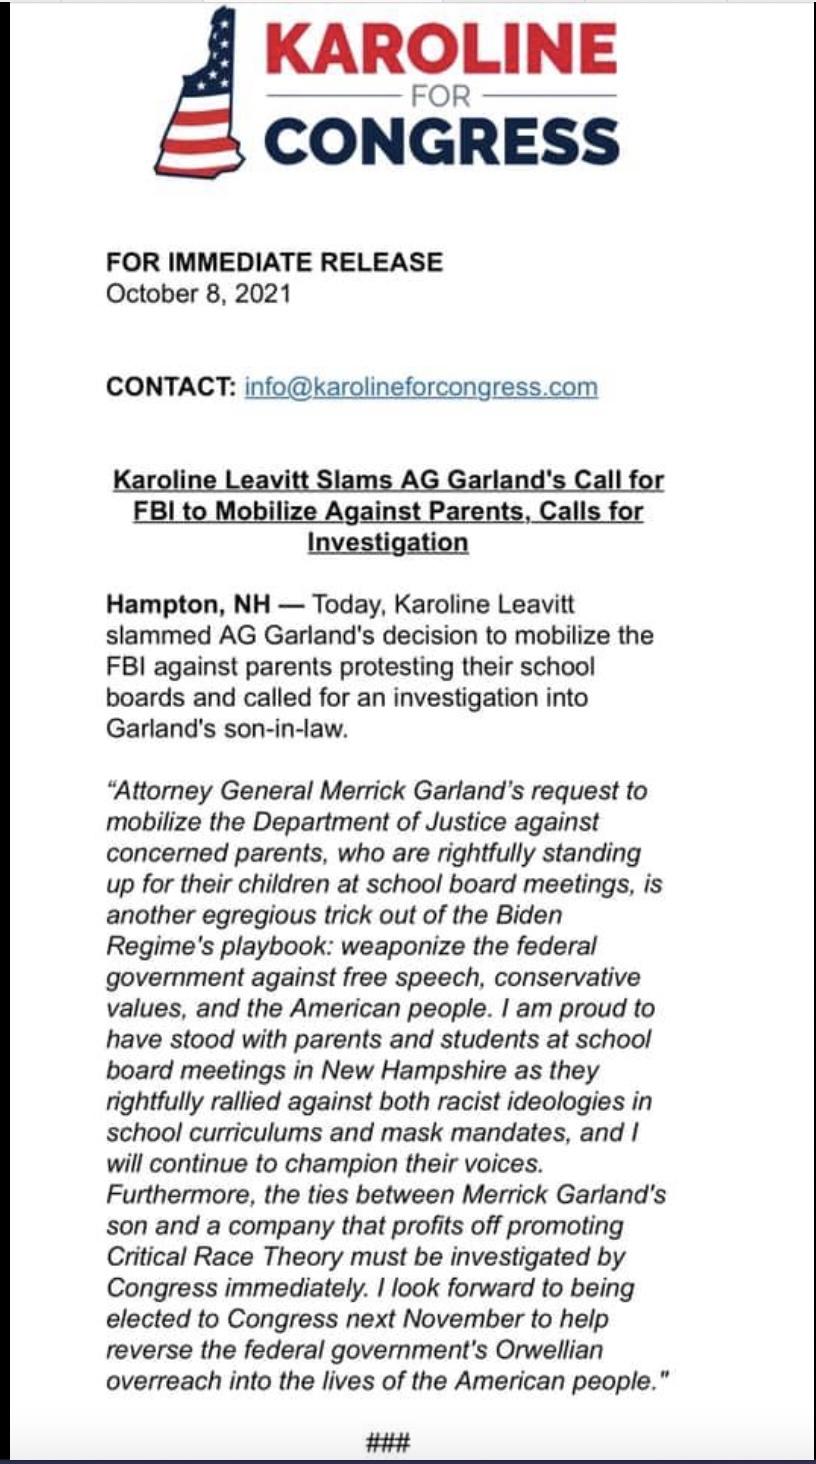 Karoline for Congress